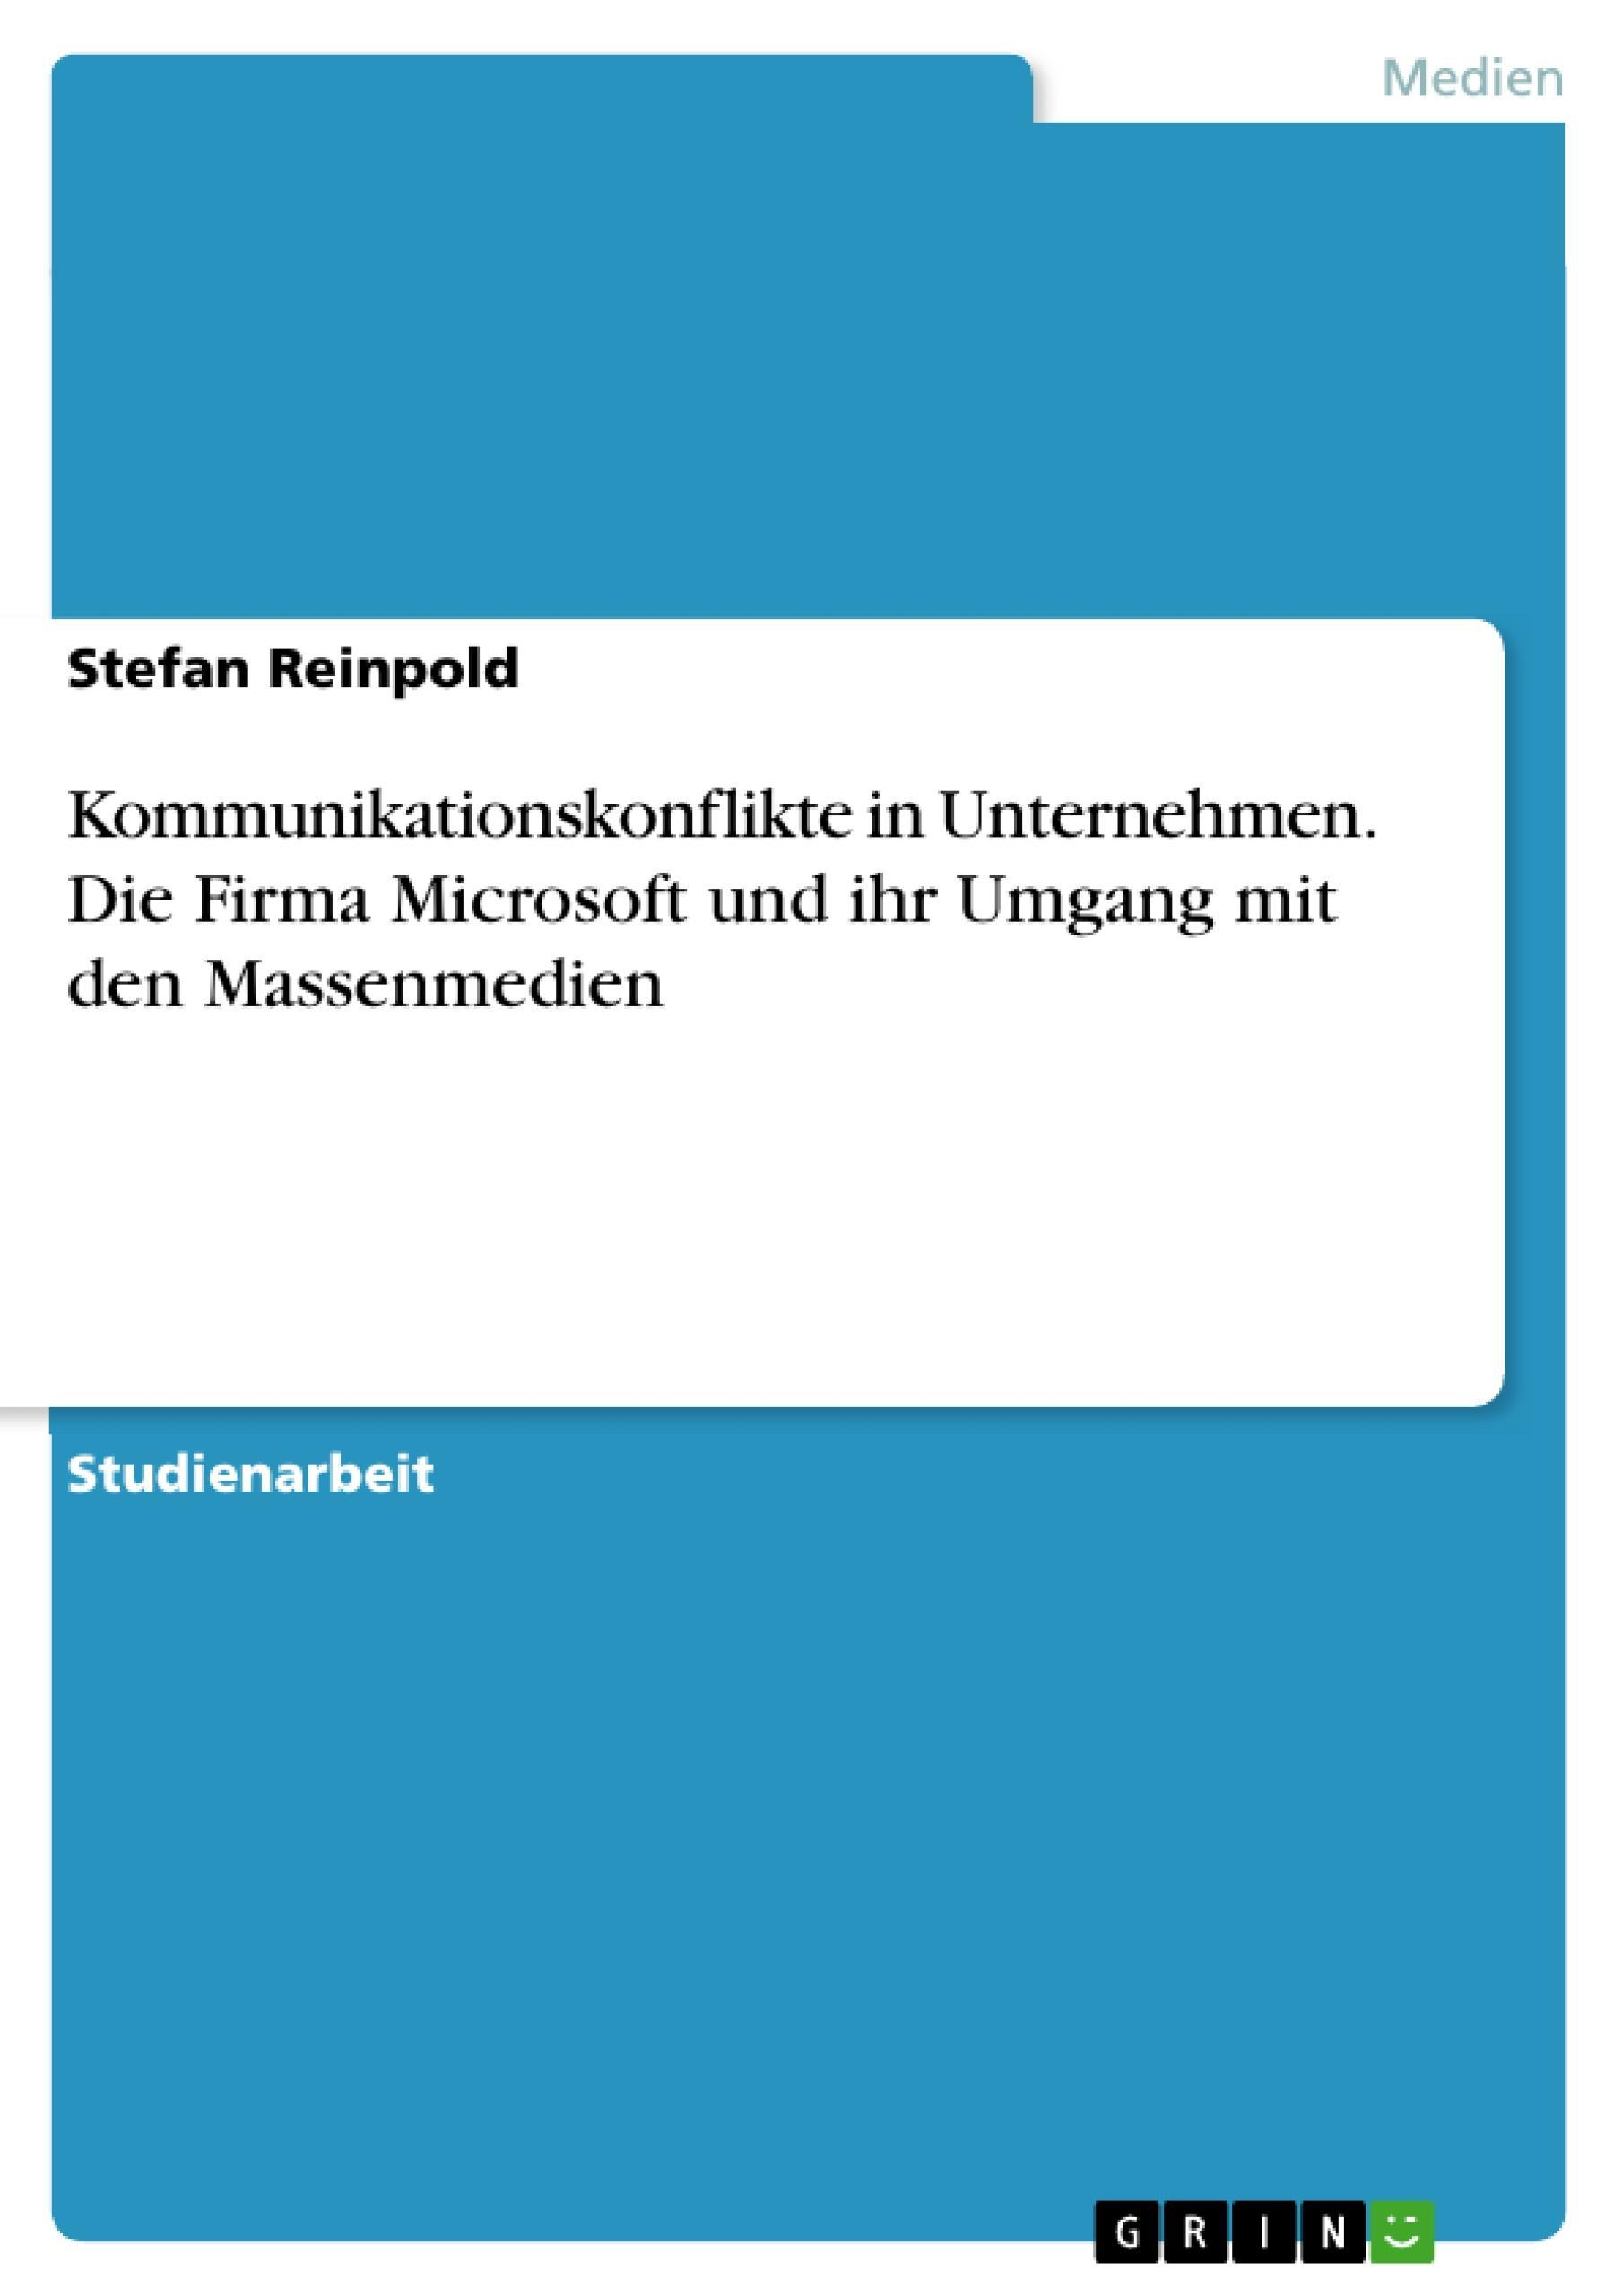 Kommunikationskonflikte in Unternehmen. Die Firma Microsoft und ihr Umgang  ...